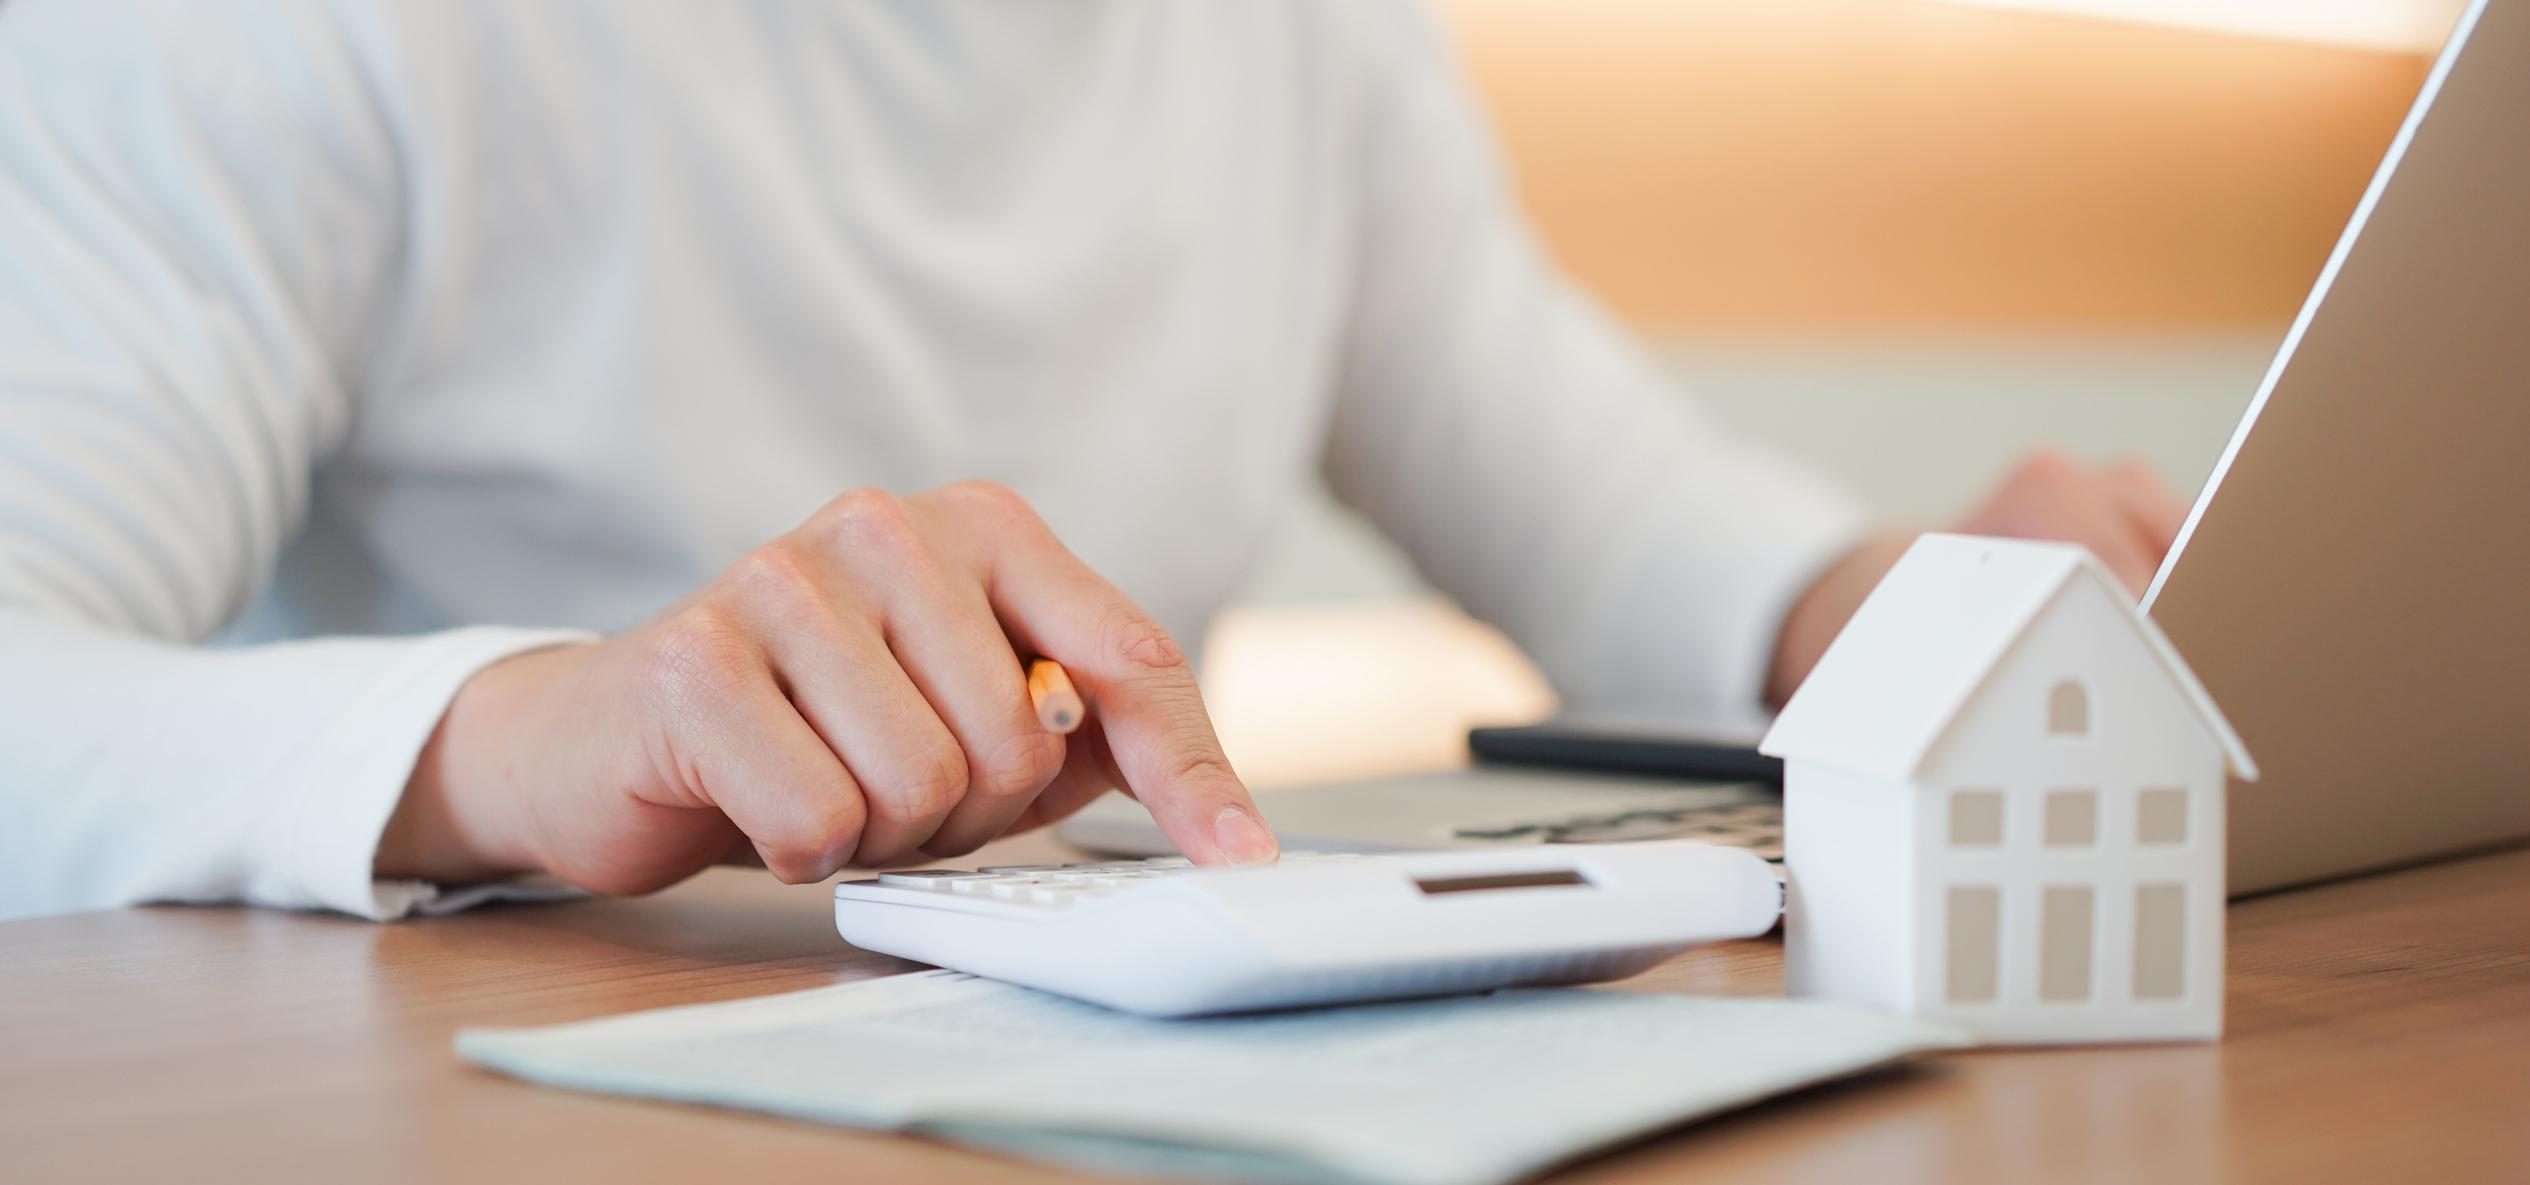 Hausverkauf: Steuern berechnen